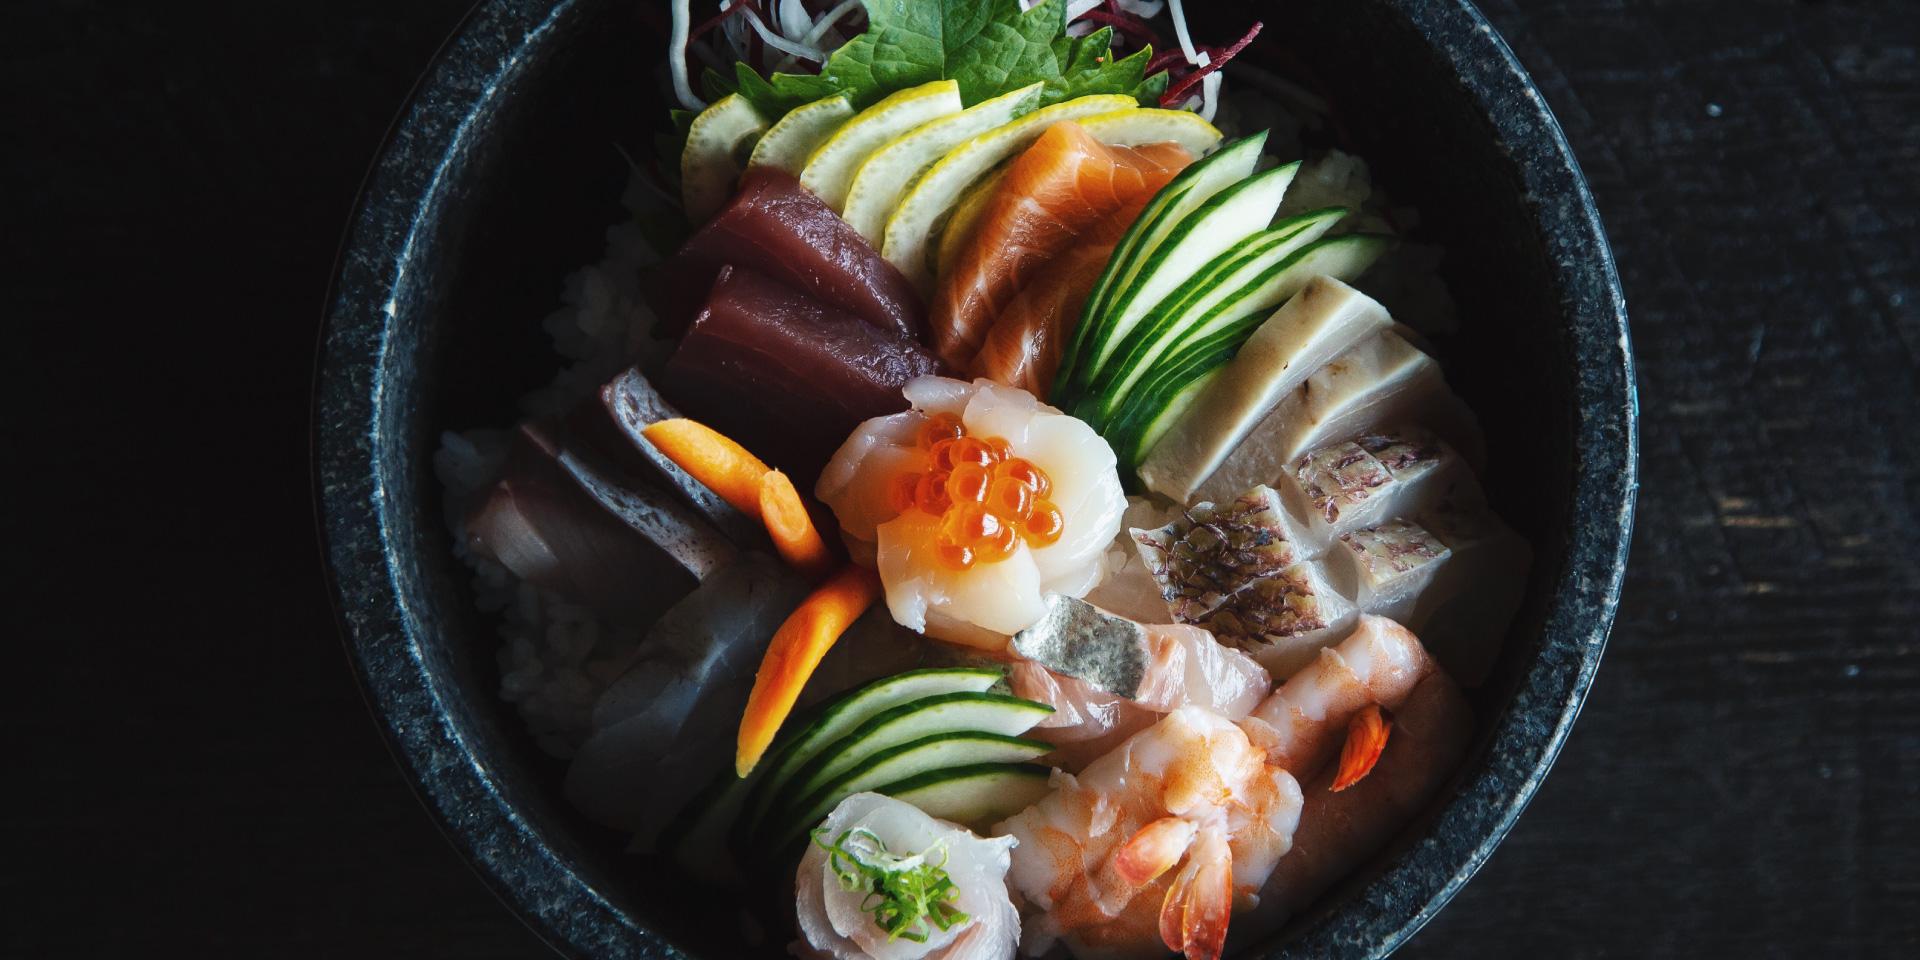 ネイルサロン、ヘアサロン、アイラッシュサロン、カフェ、レストランなど美容・飲食業界に特化